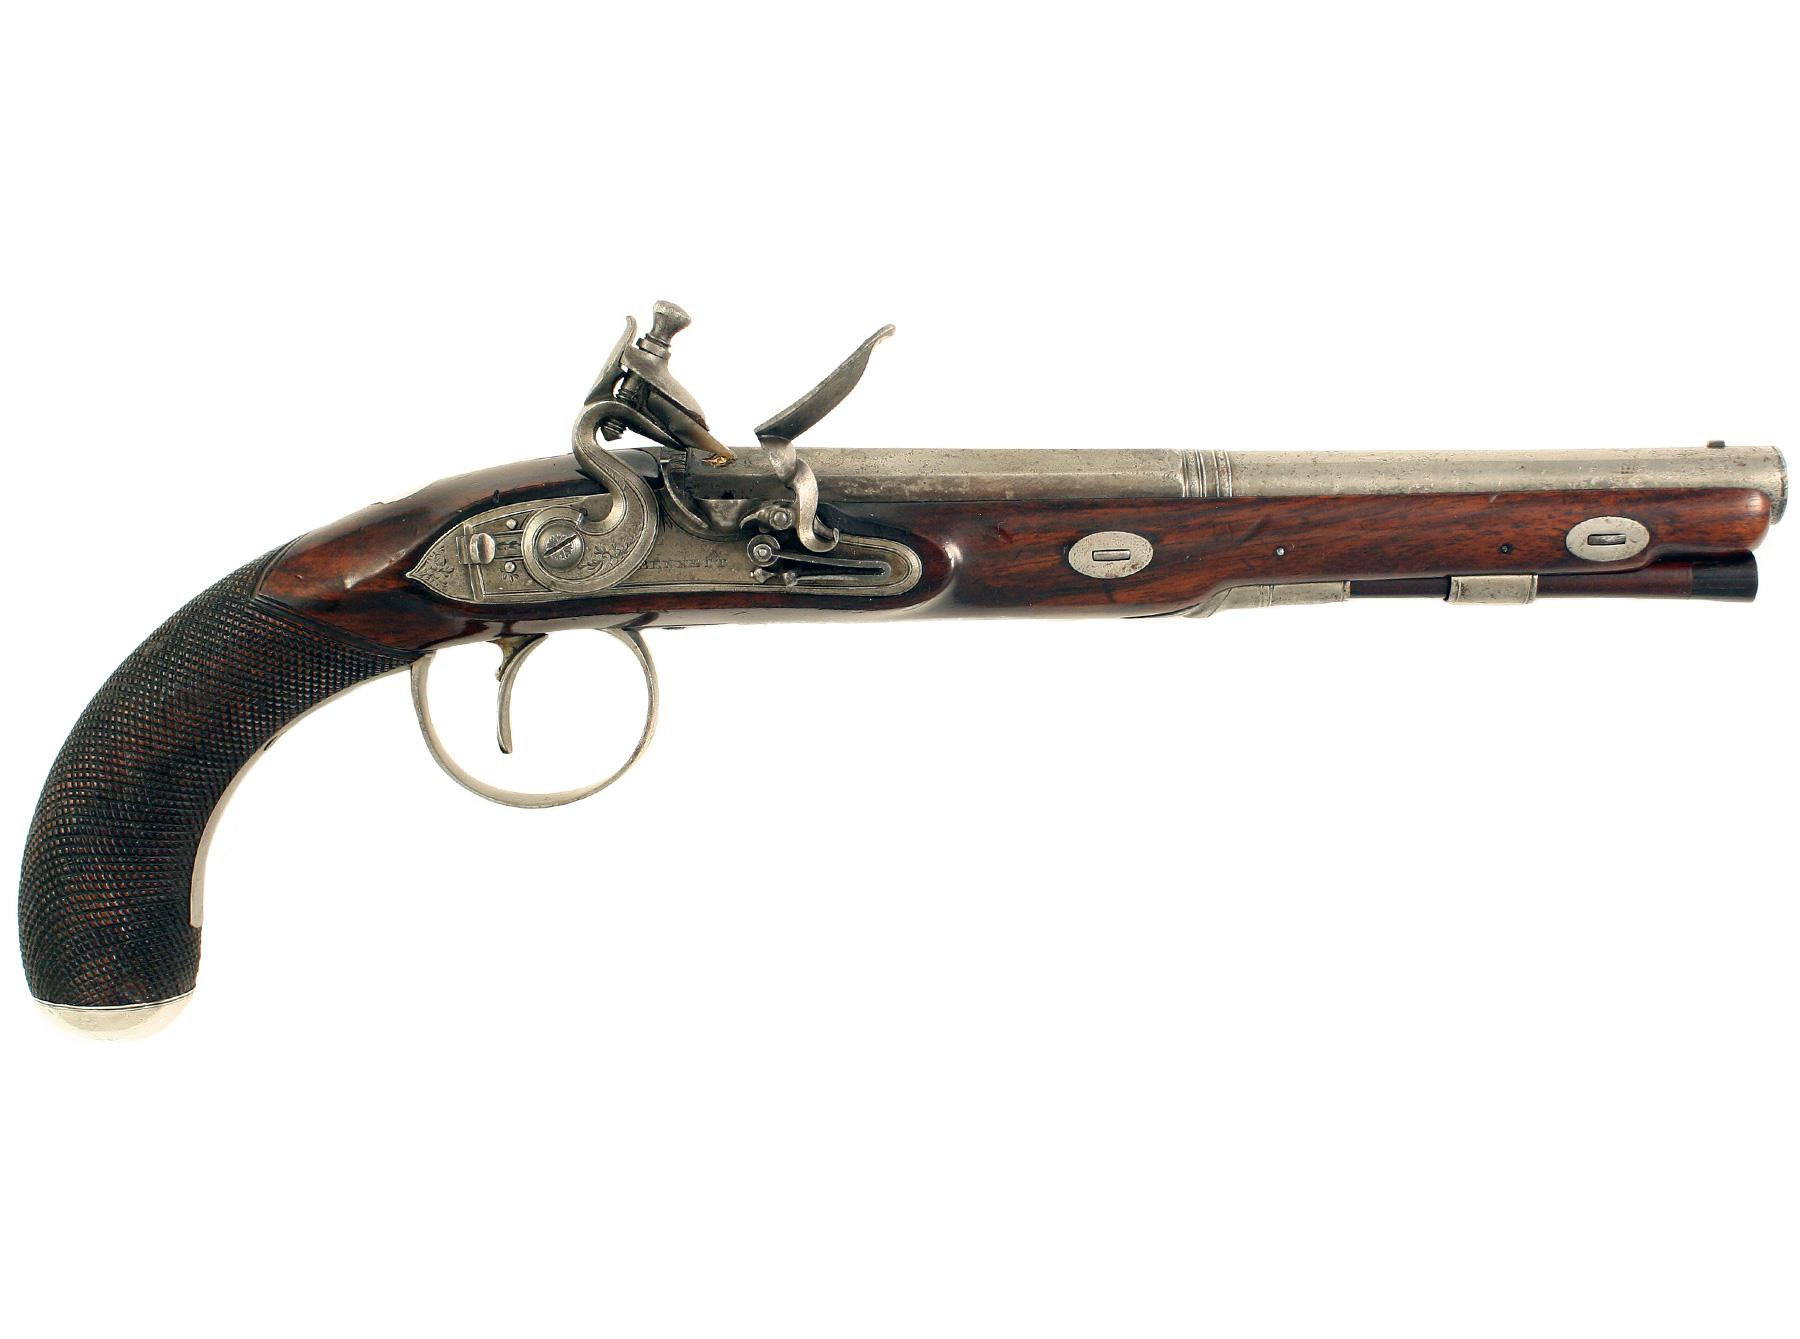 An Elegant Pistol by Bennet of London